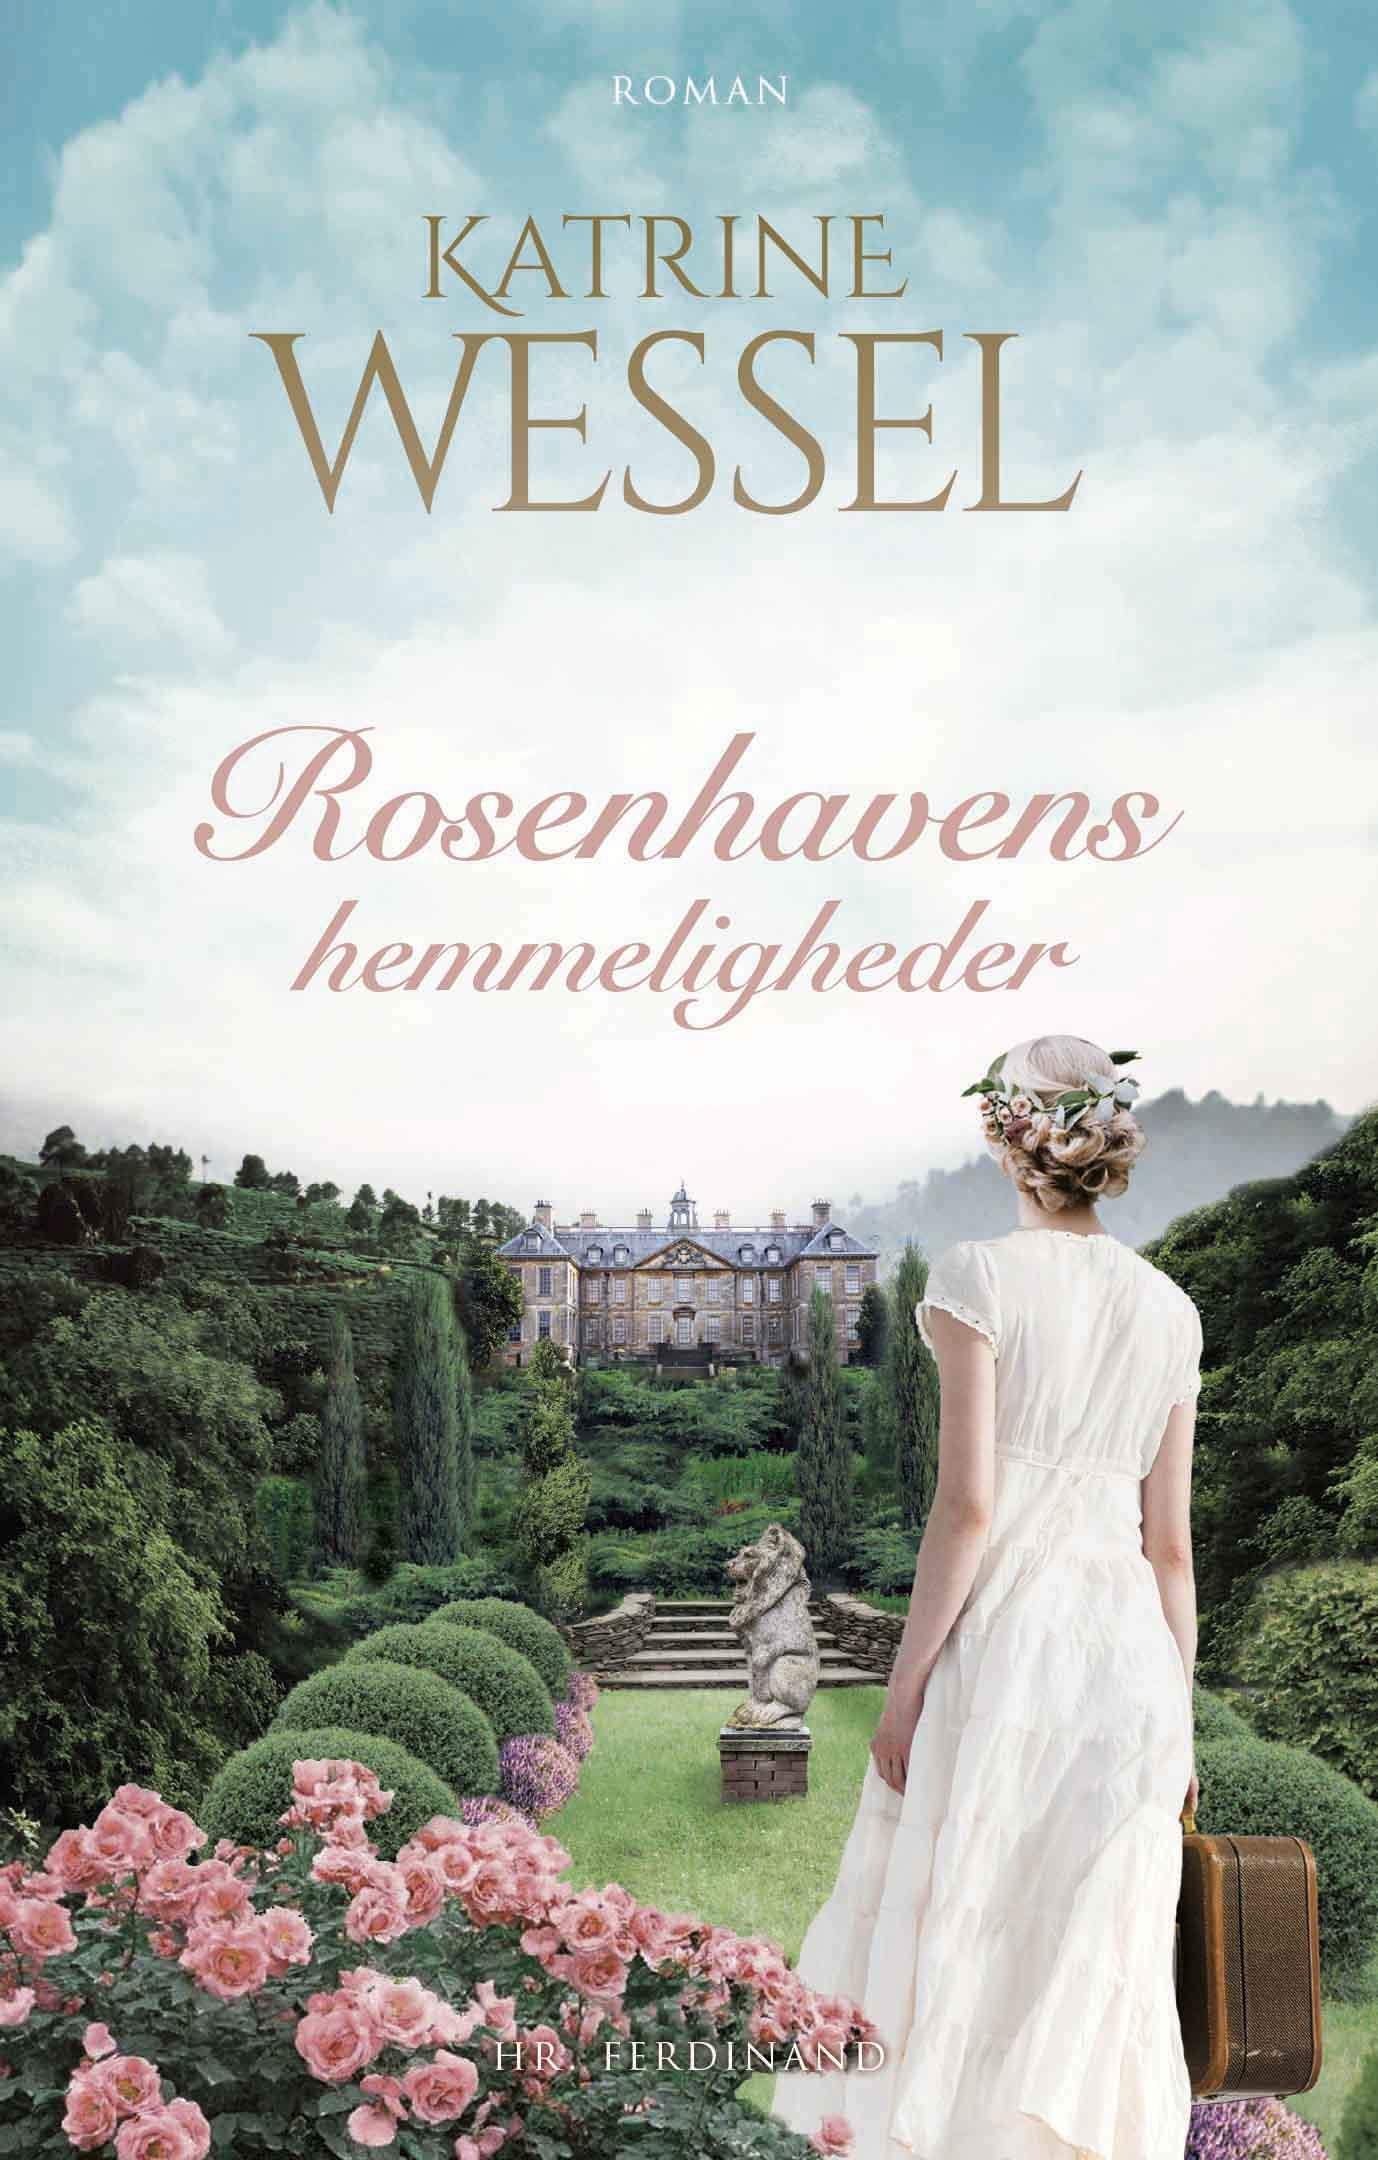 Familien Winther: Rosenhavens hemmeligheder - Katrine Wessel - Bøger - Hr. Ferdinand - 9788740067569 - 14/1-2021